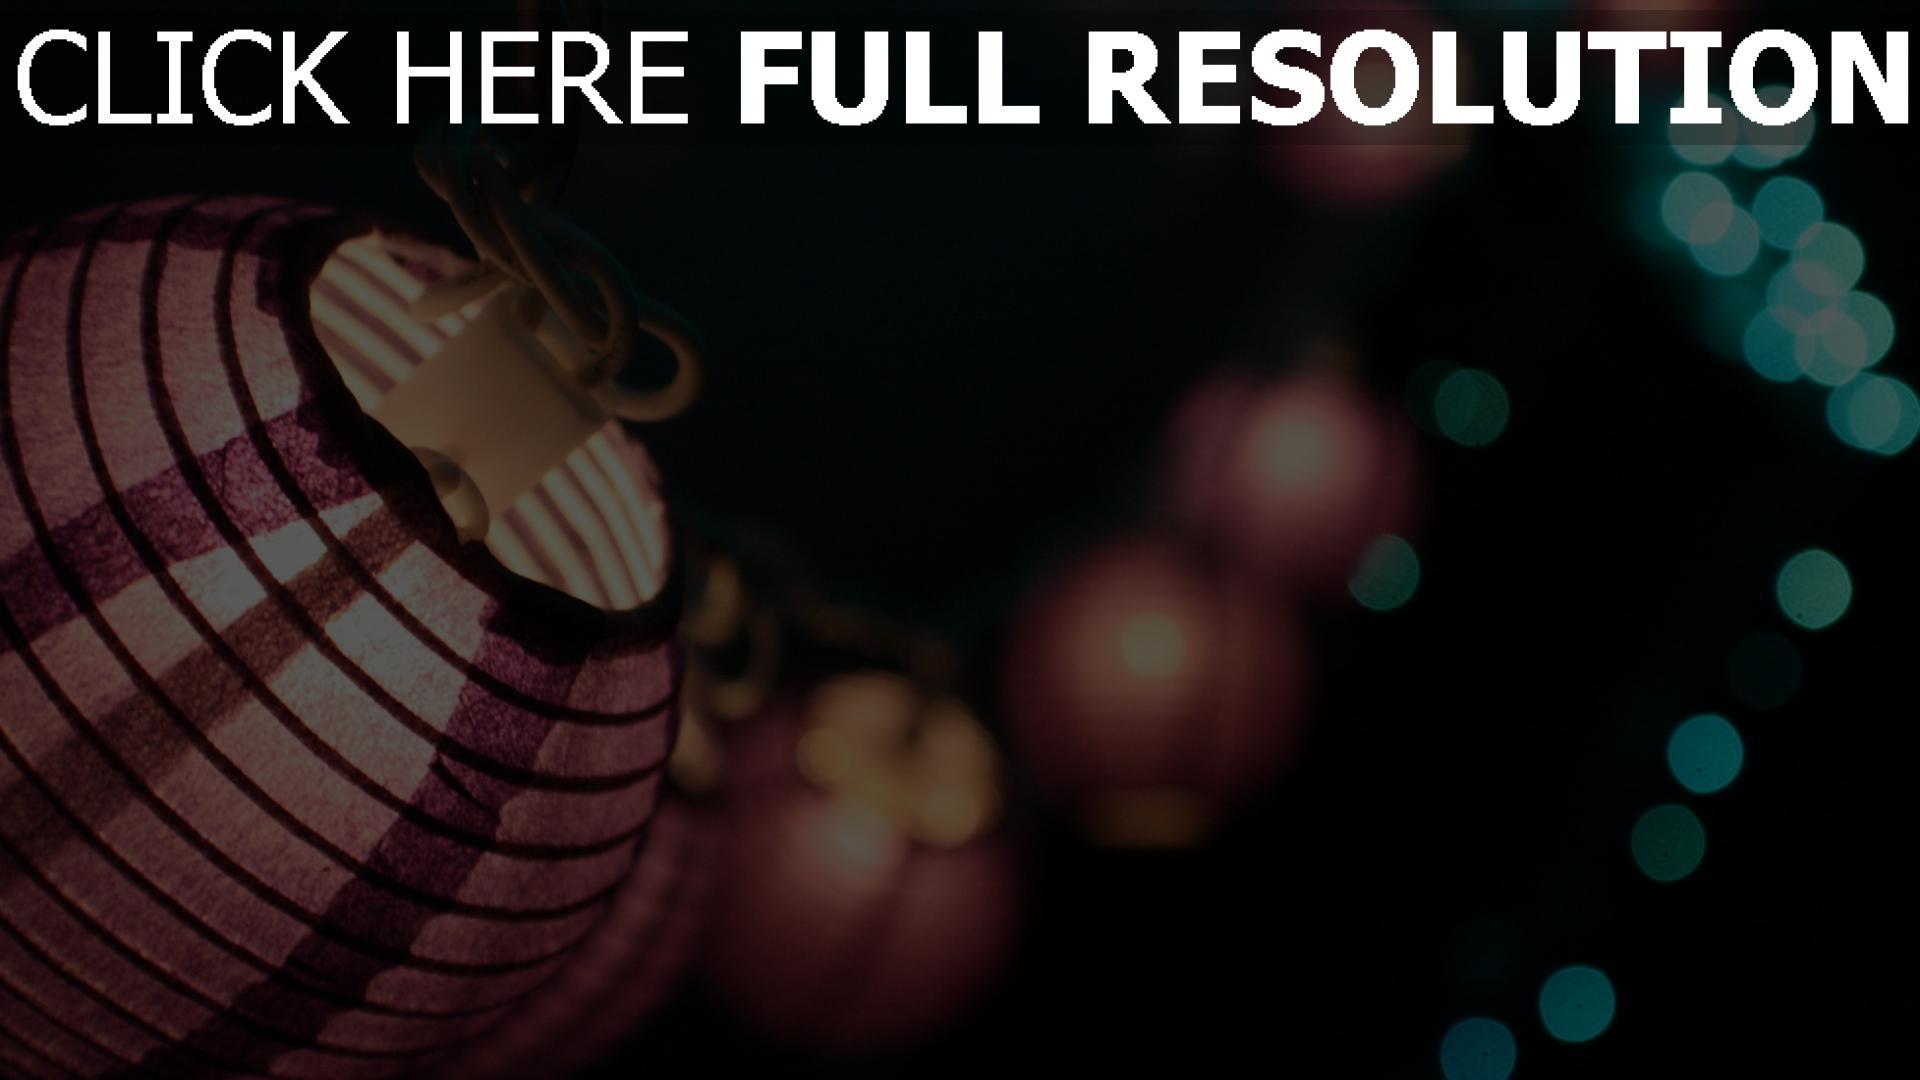 fond d'écran 1920x1080 lanterne chinoise arrière-plan flou